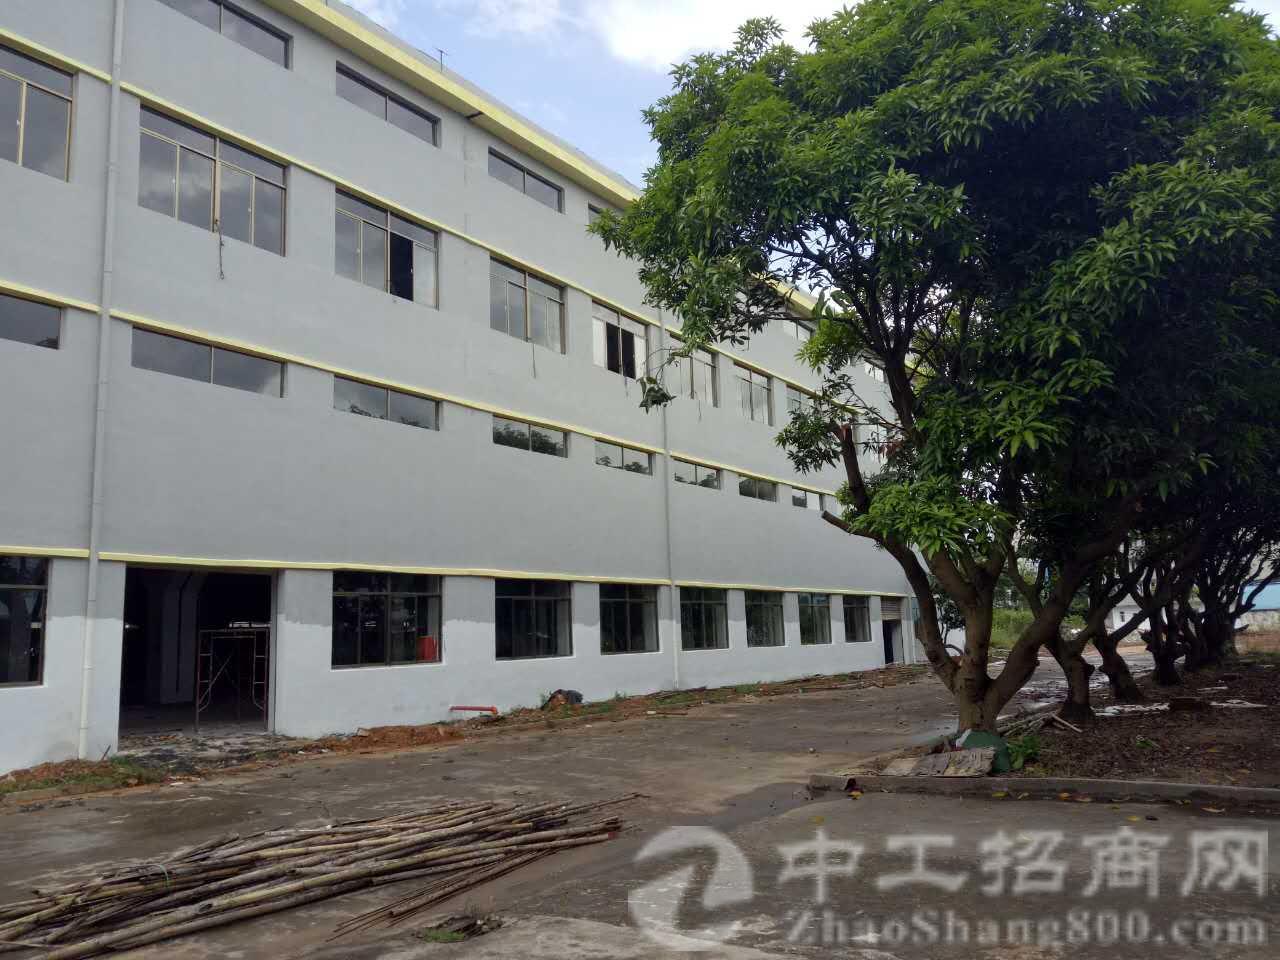 塘厦全新厂房两层6000平米,一楼9米高,二楼6.5米高-图3